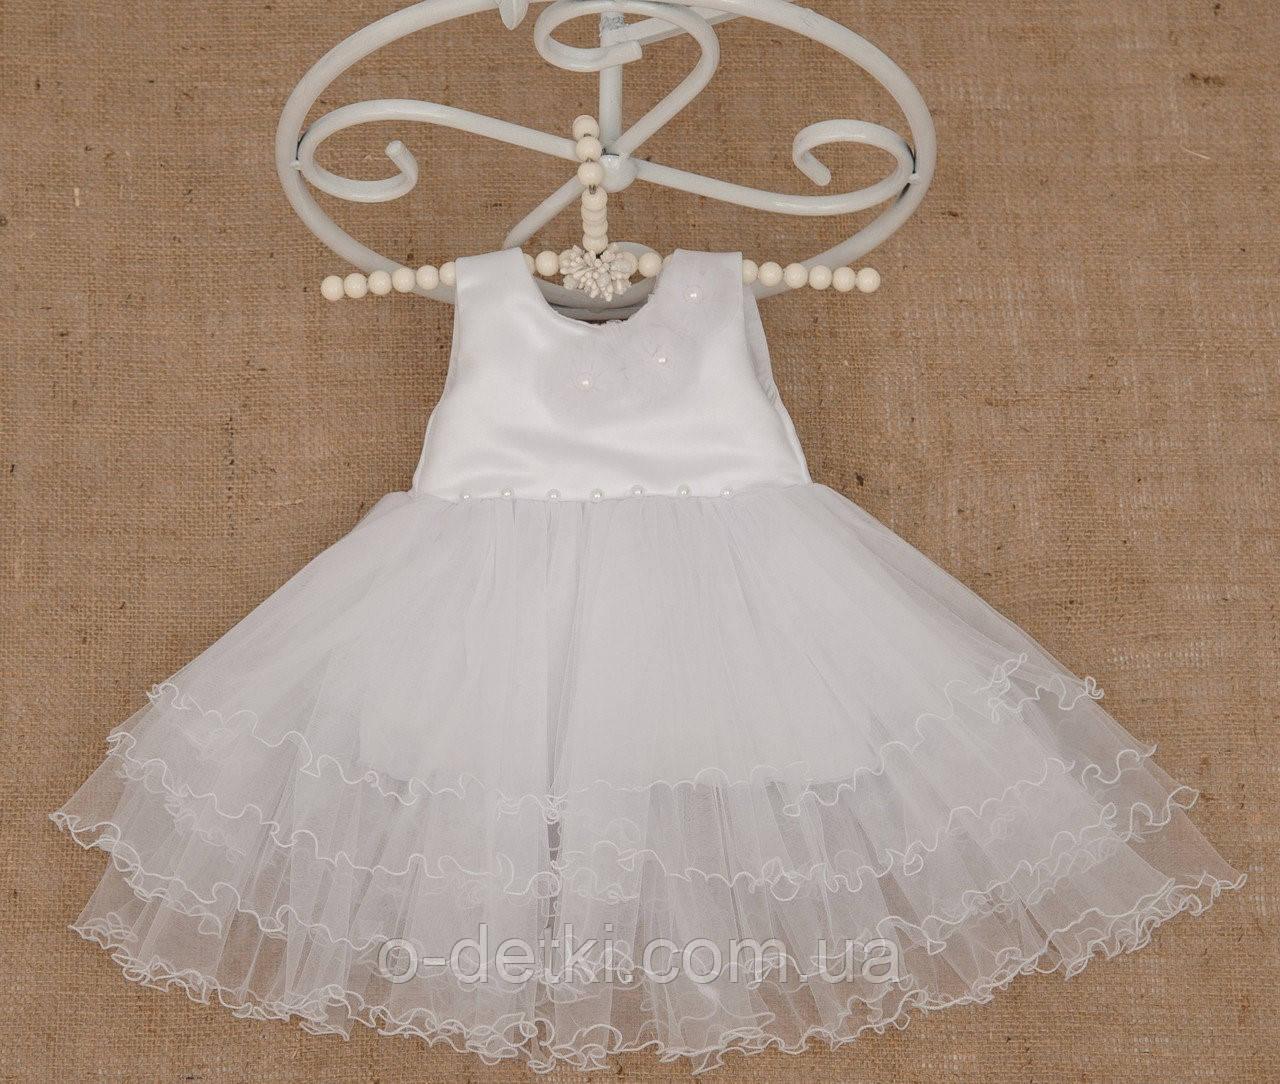 8a51aa66b1cedfb Нарядное белое платье для девочки : продажа, цена в Киеве. платья и ...